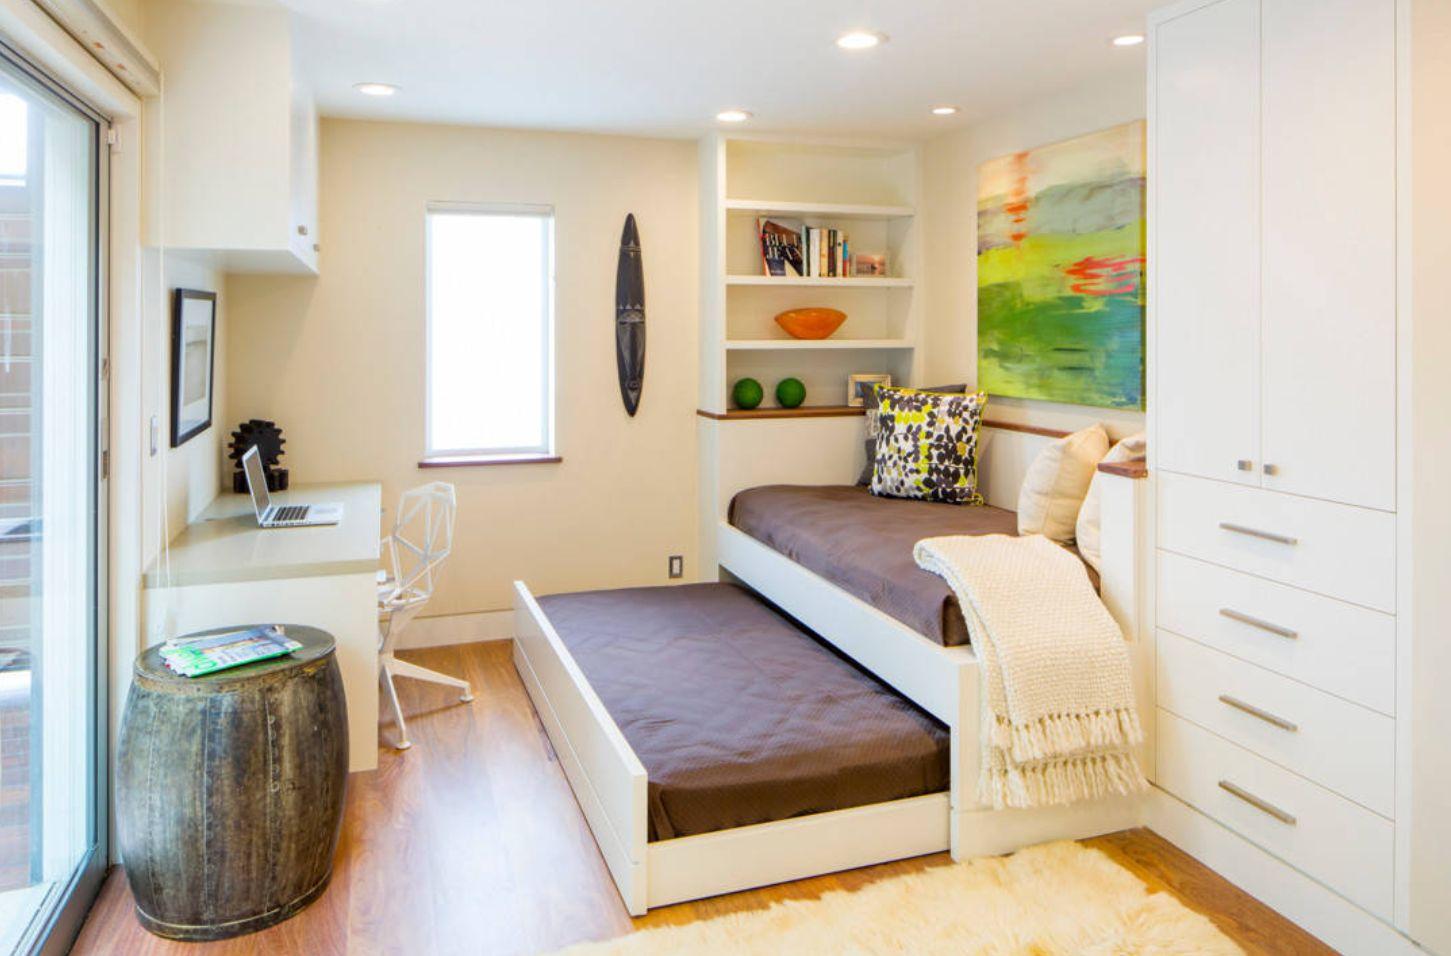 Móveis planejados: a solução para dormitórios pequenos